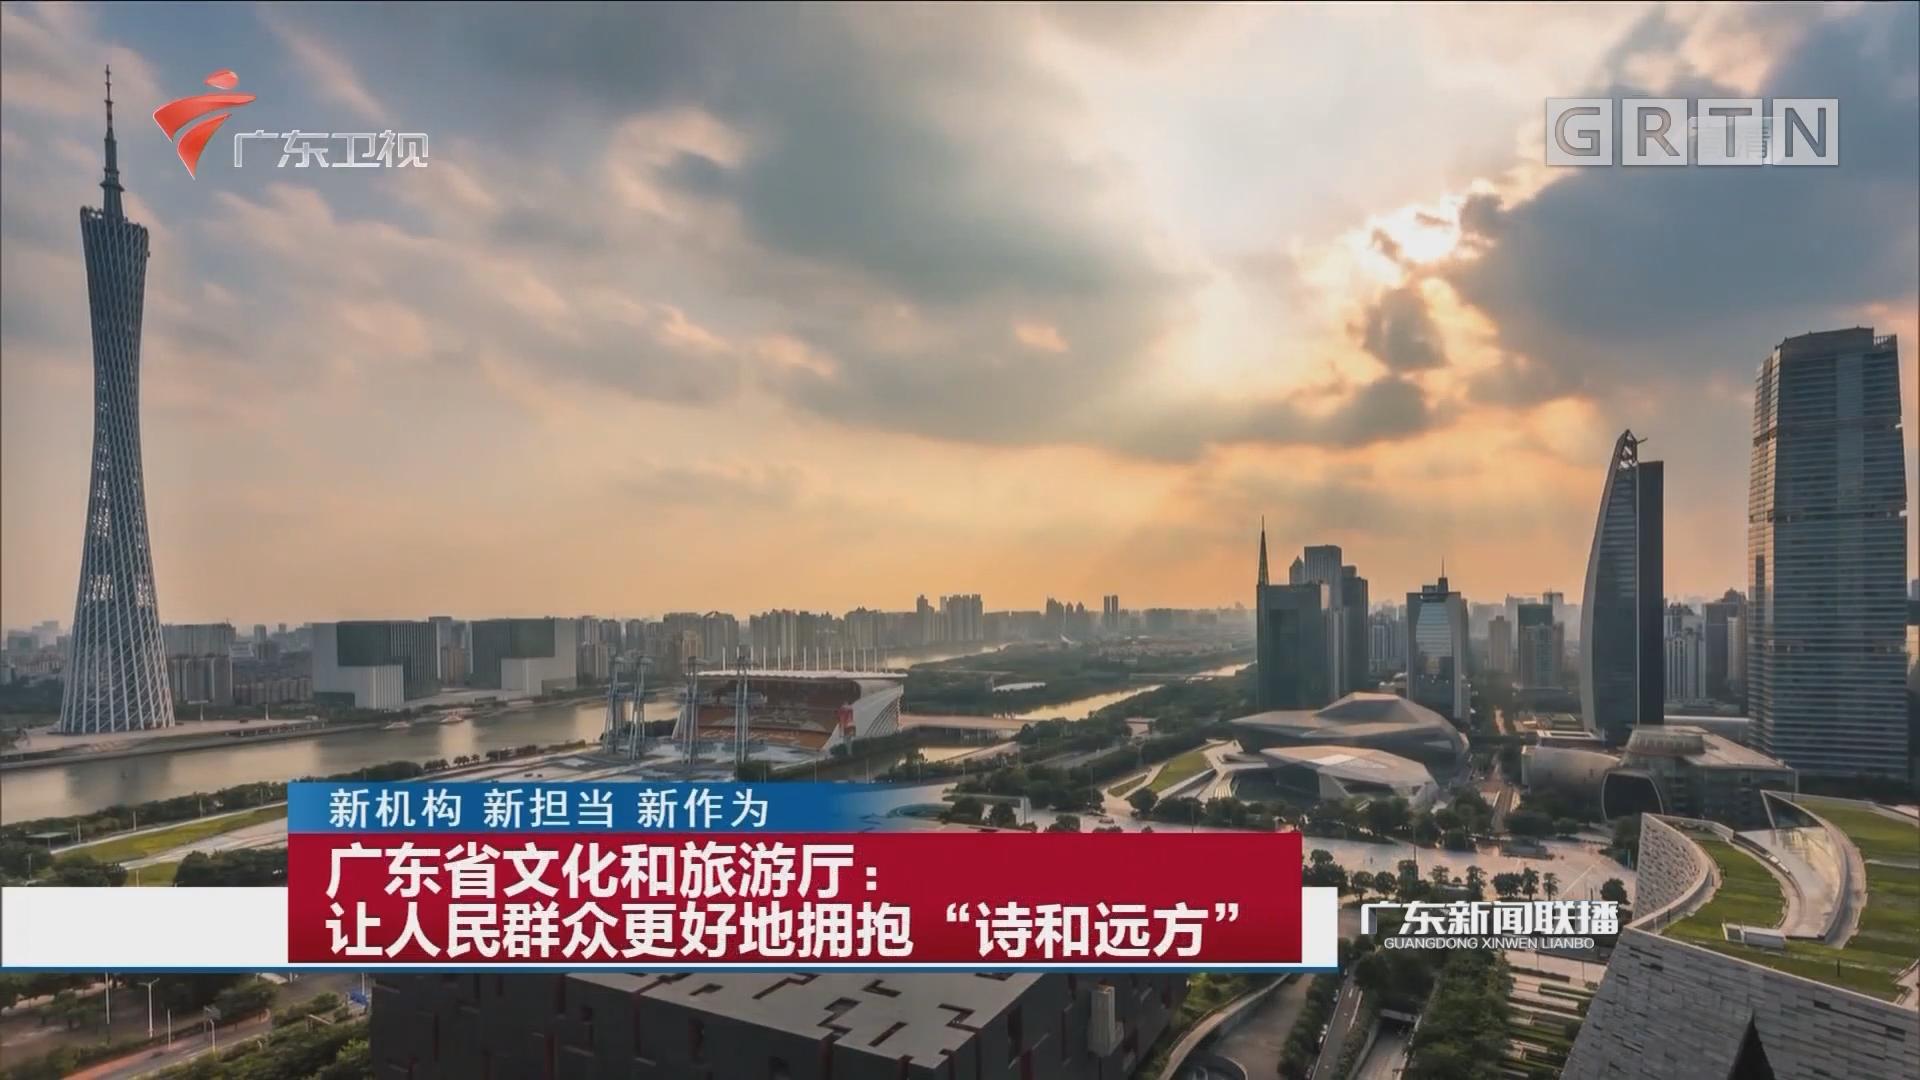 """广东省文化和旅游厅:让人民群众更好地拥抱""""诗和远方"""""""